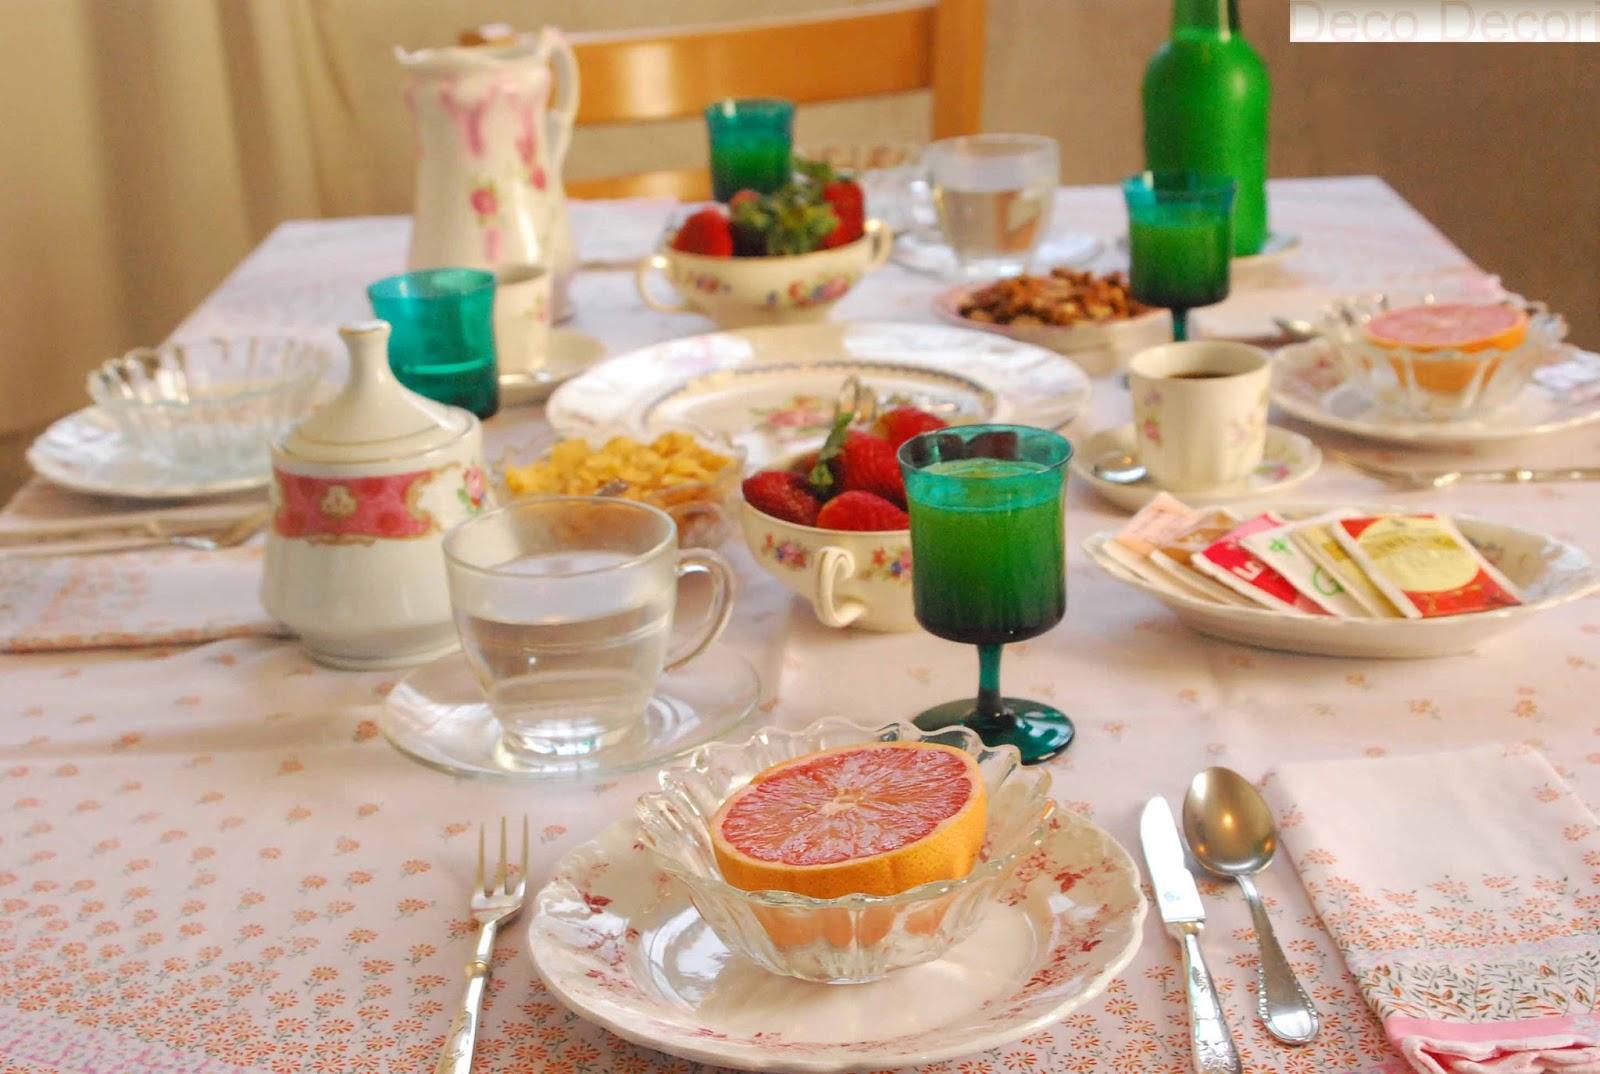 Mesa de desayuno for Mesa desayuno